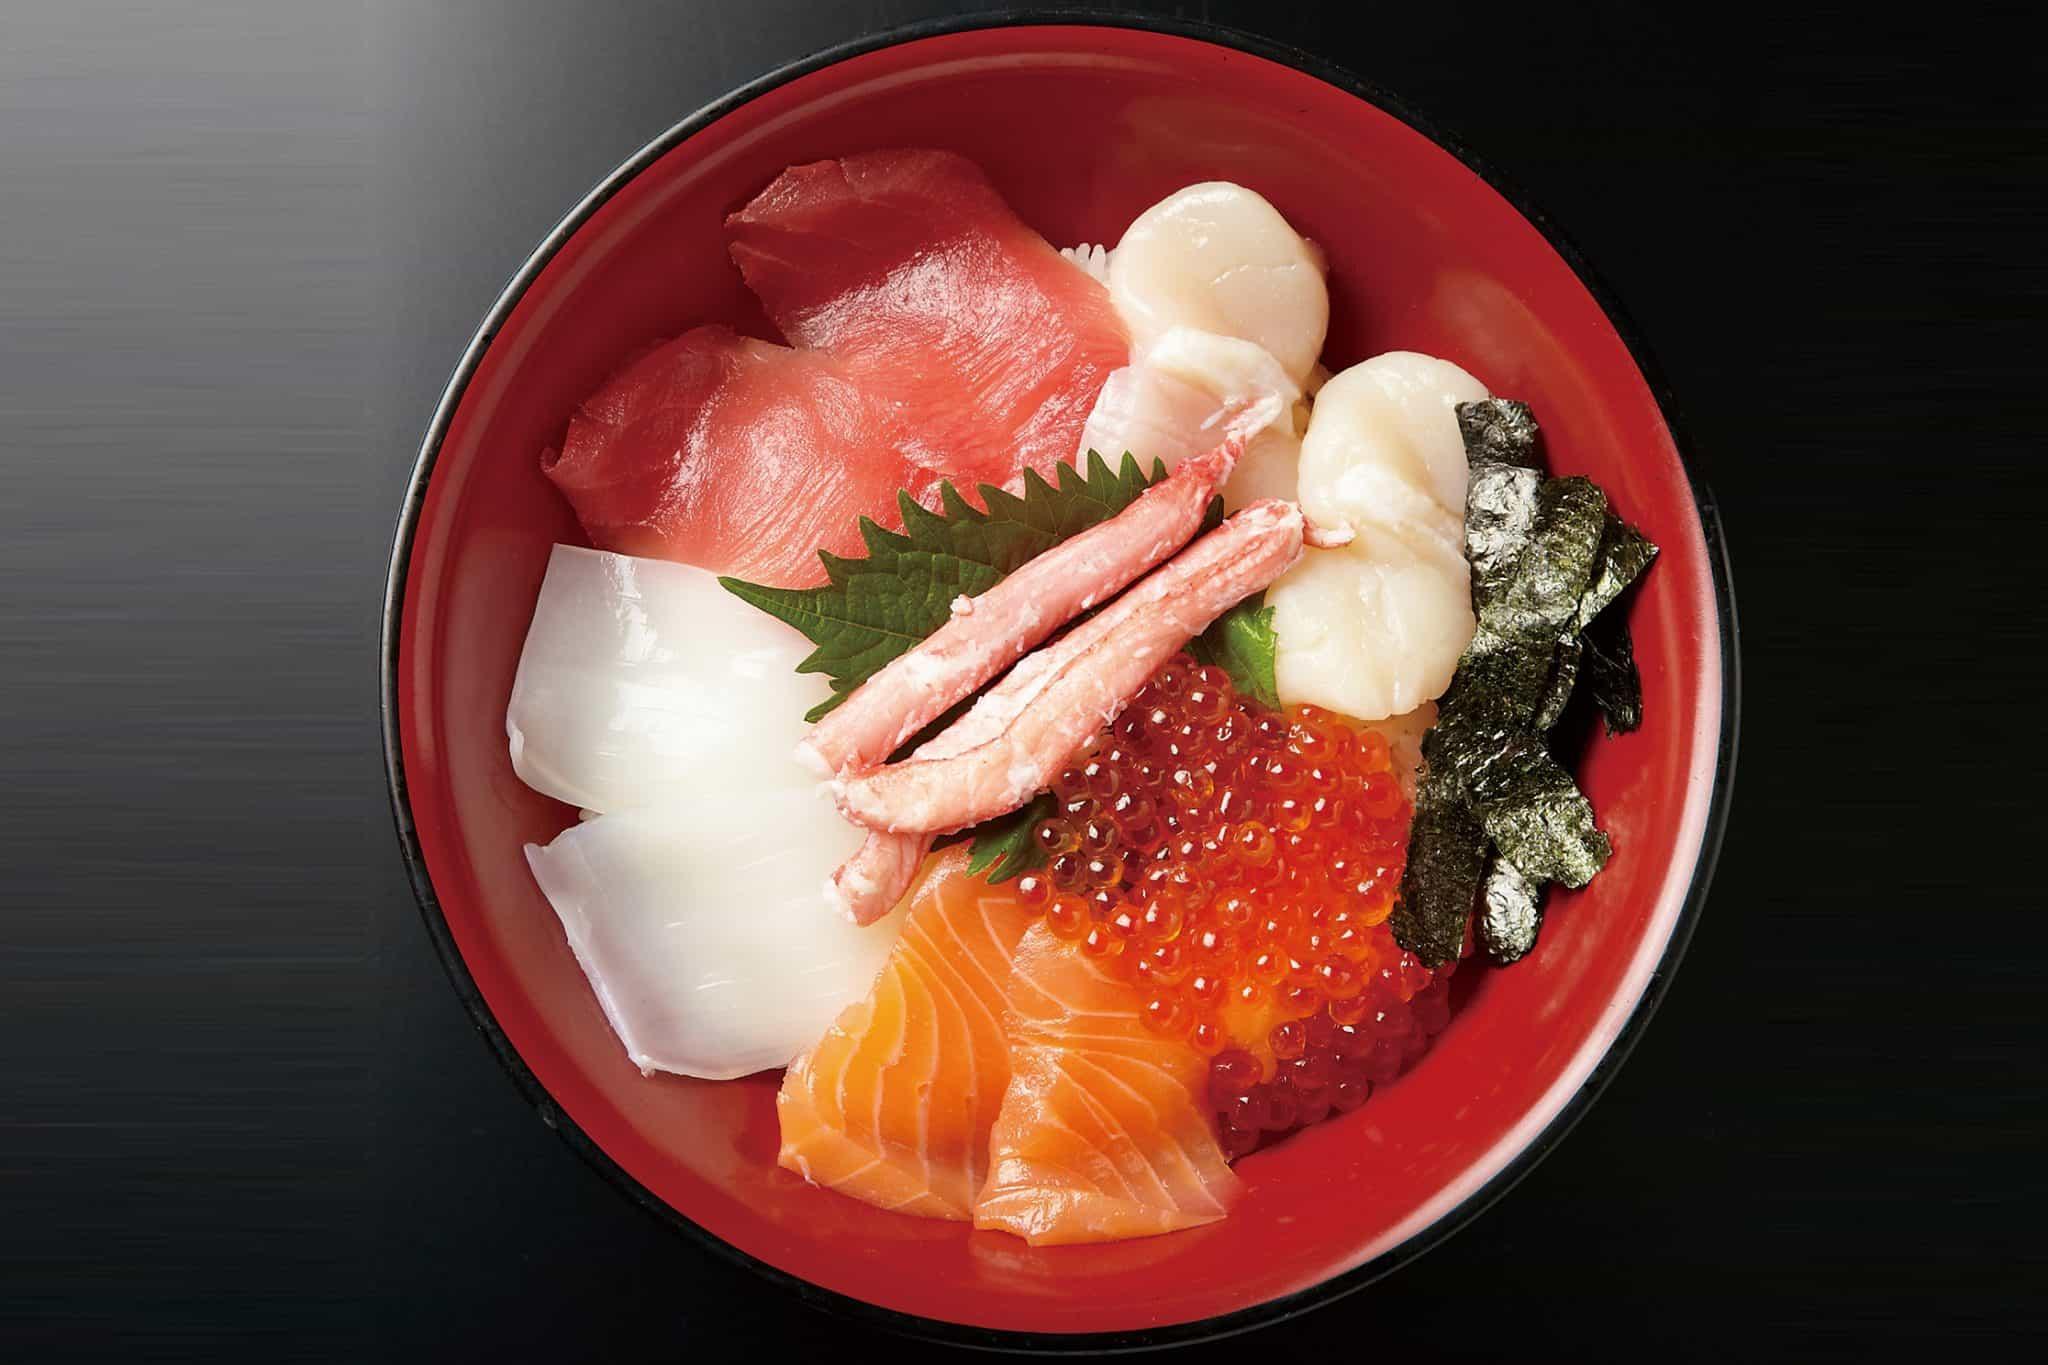 ข้าวหน้าปลาดิบ Tokusei Kaisendon - Kuromon Sanpei (黒門三平) - ตลาดปลาคุโรมง (Kuromon Fish Market)